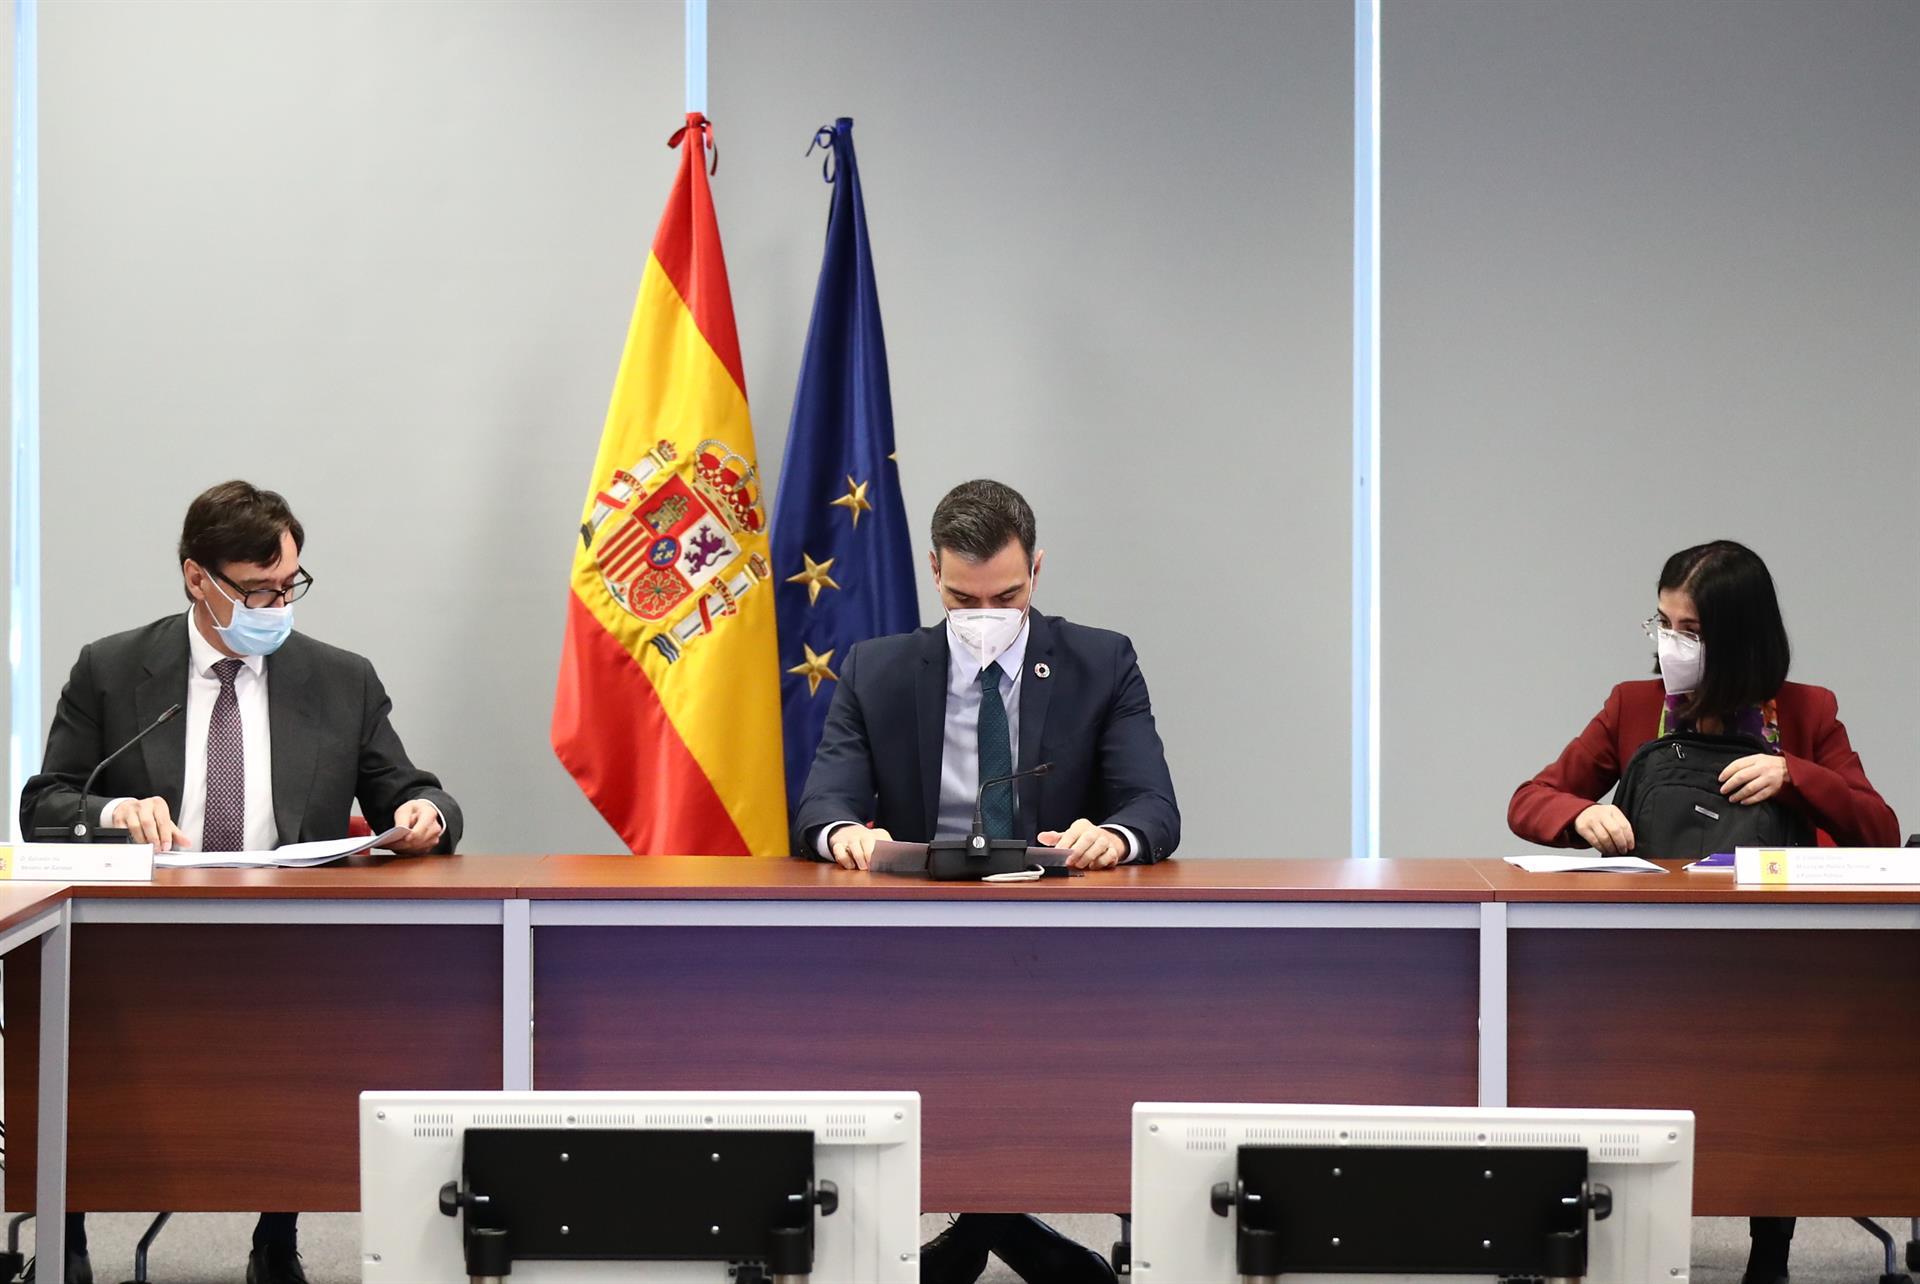 (I-D) El ministro de Sanidad, Salvador Illa, el presidente del Gobierno, Pedro Sánchez y la ministra de Política Territorial y Función Pública, Carolina Darias el 25 de enero de 2021. – Moncloa